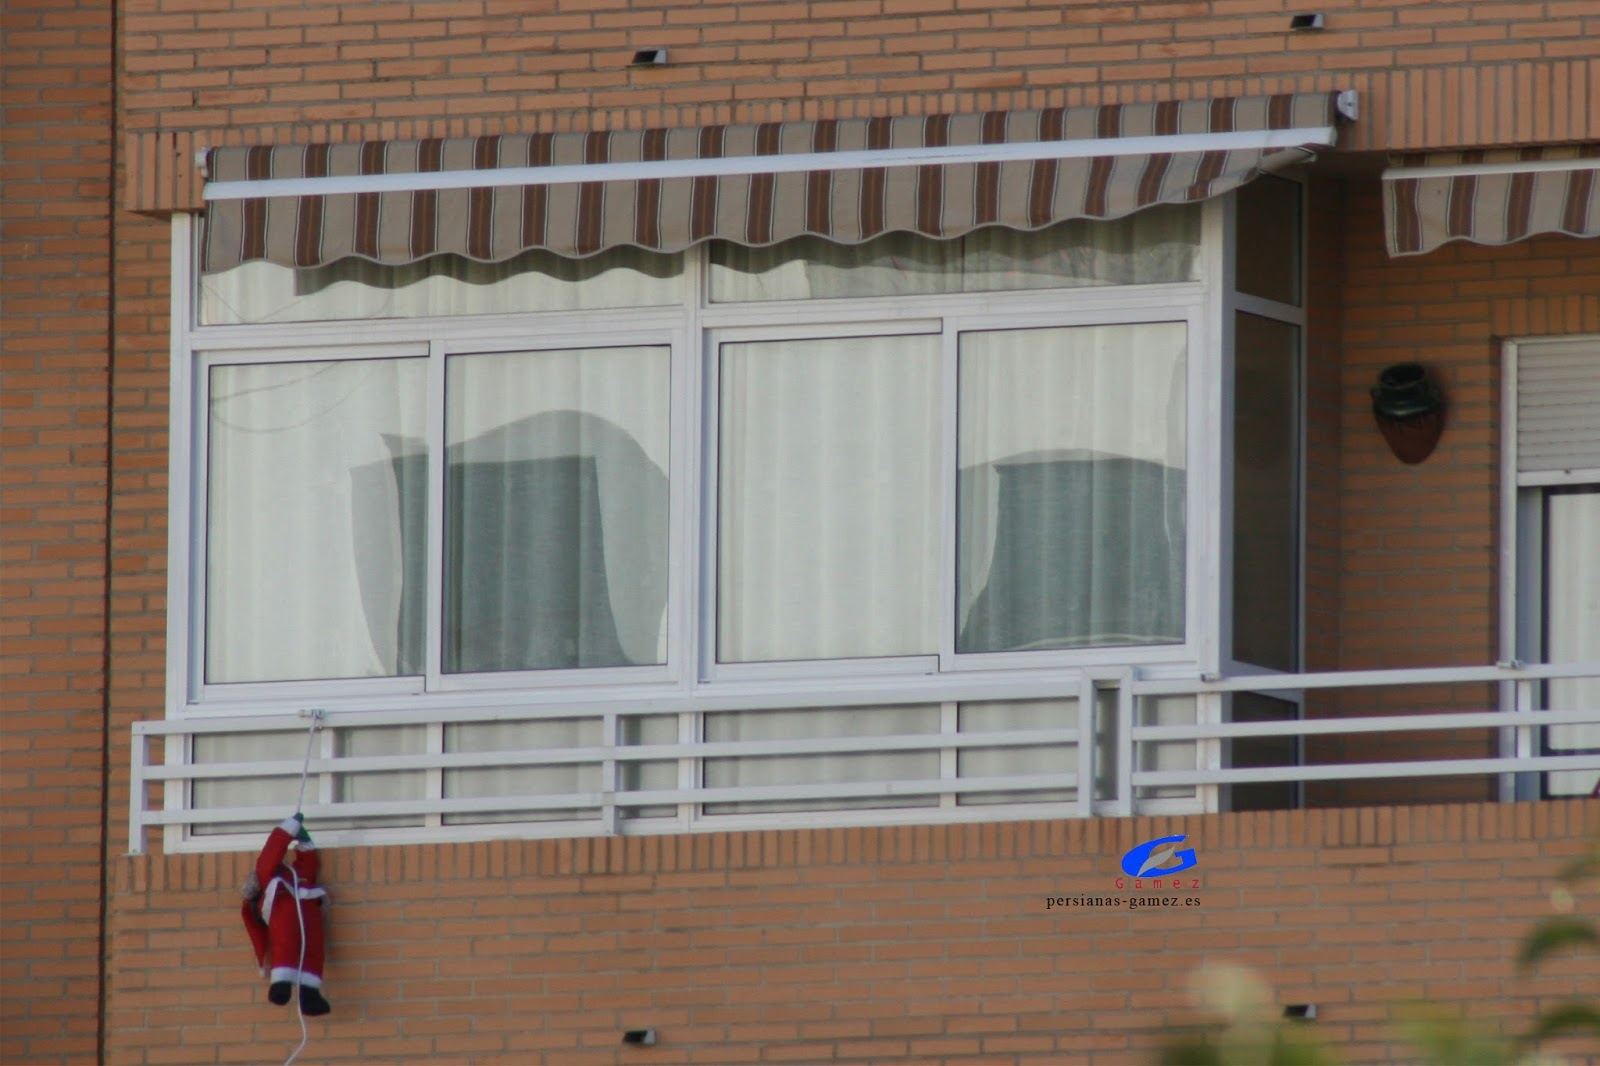 Cerramientos de balcones cerramientos en zaragoza - Cerramientos de pvc para terrazas ...